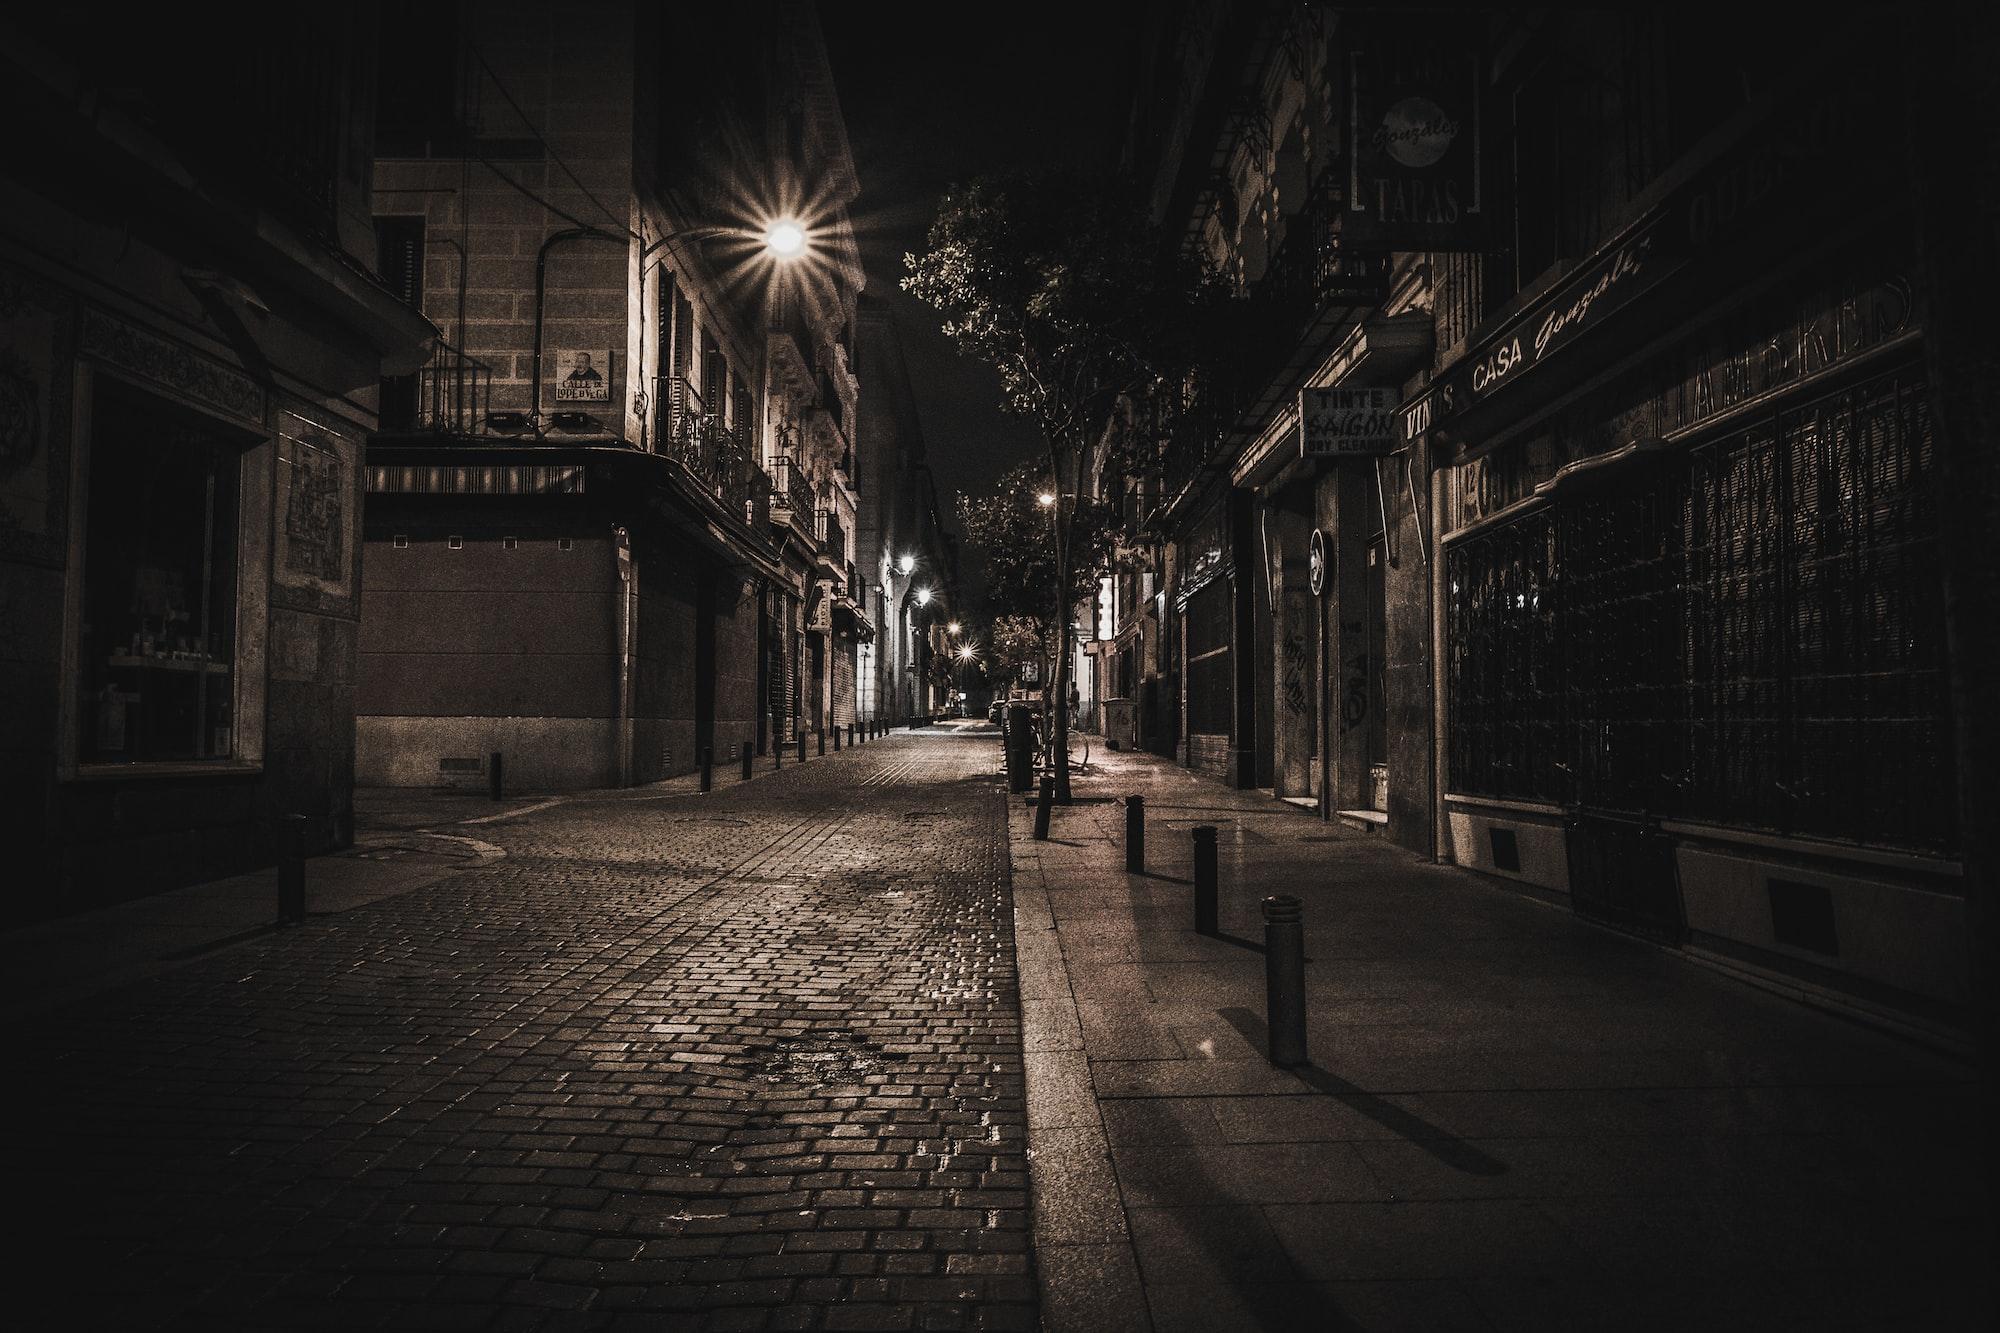 A Late Evening Walk